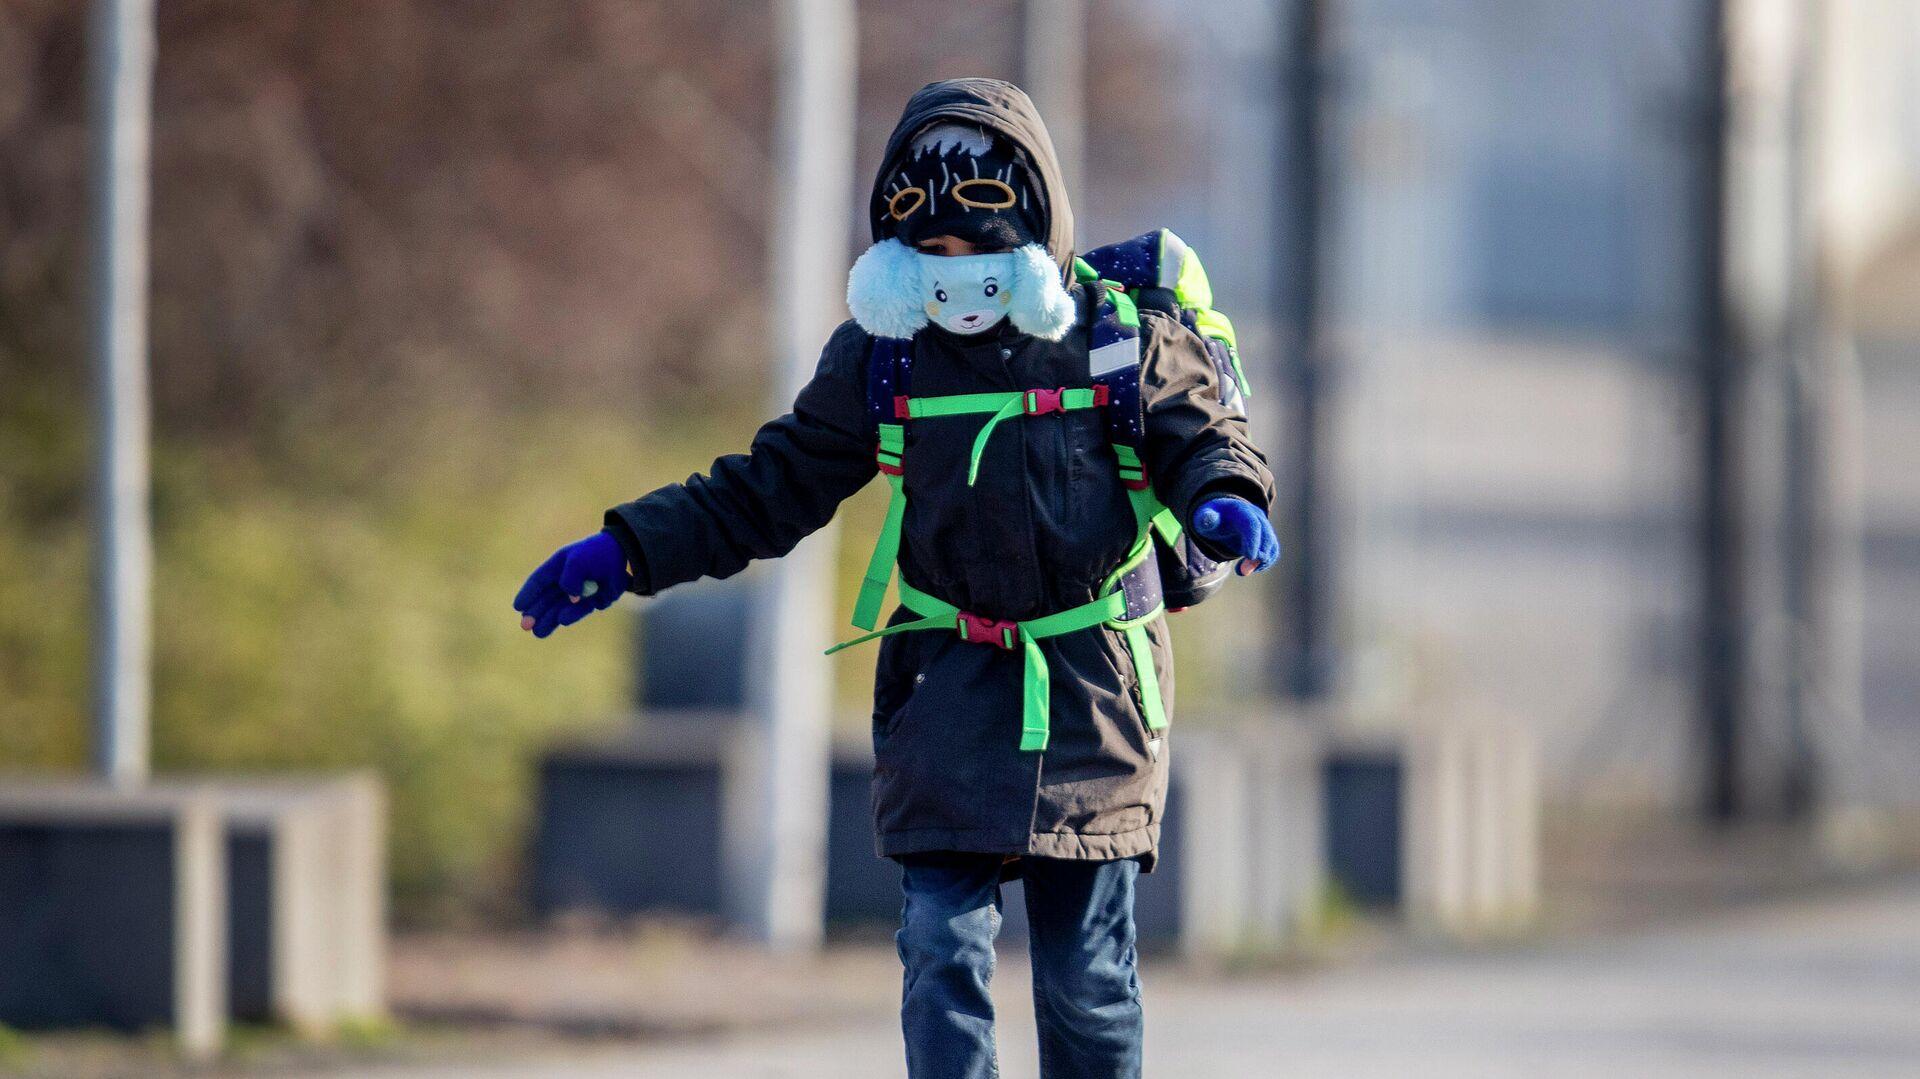 Мальчик в защитной маске идет в школу во Франкфурте, Германия  - РИА Новости, 1920, 08.04.2021